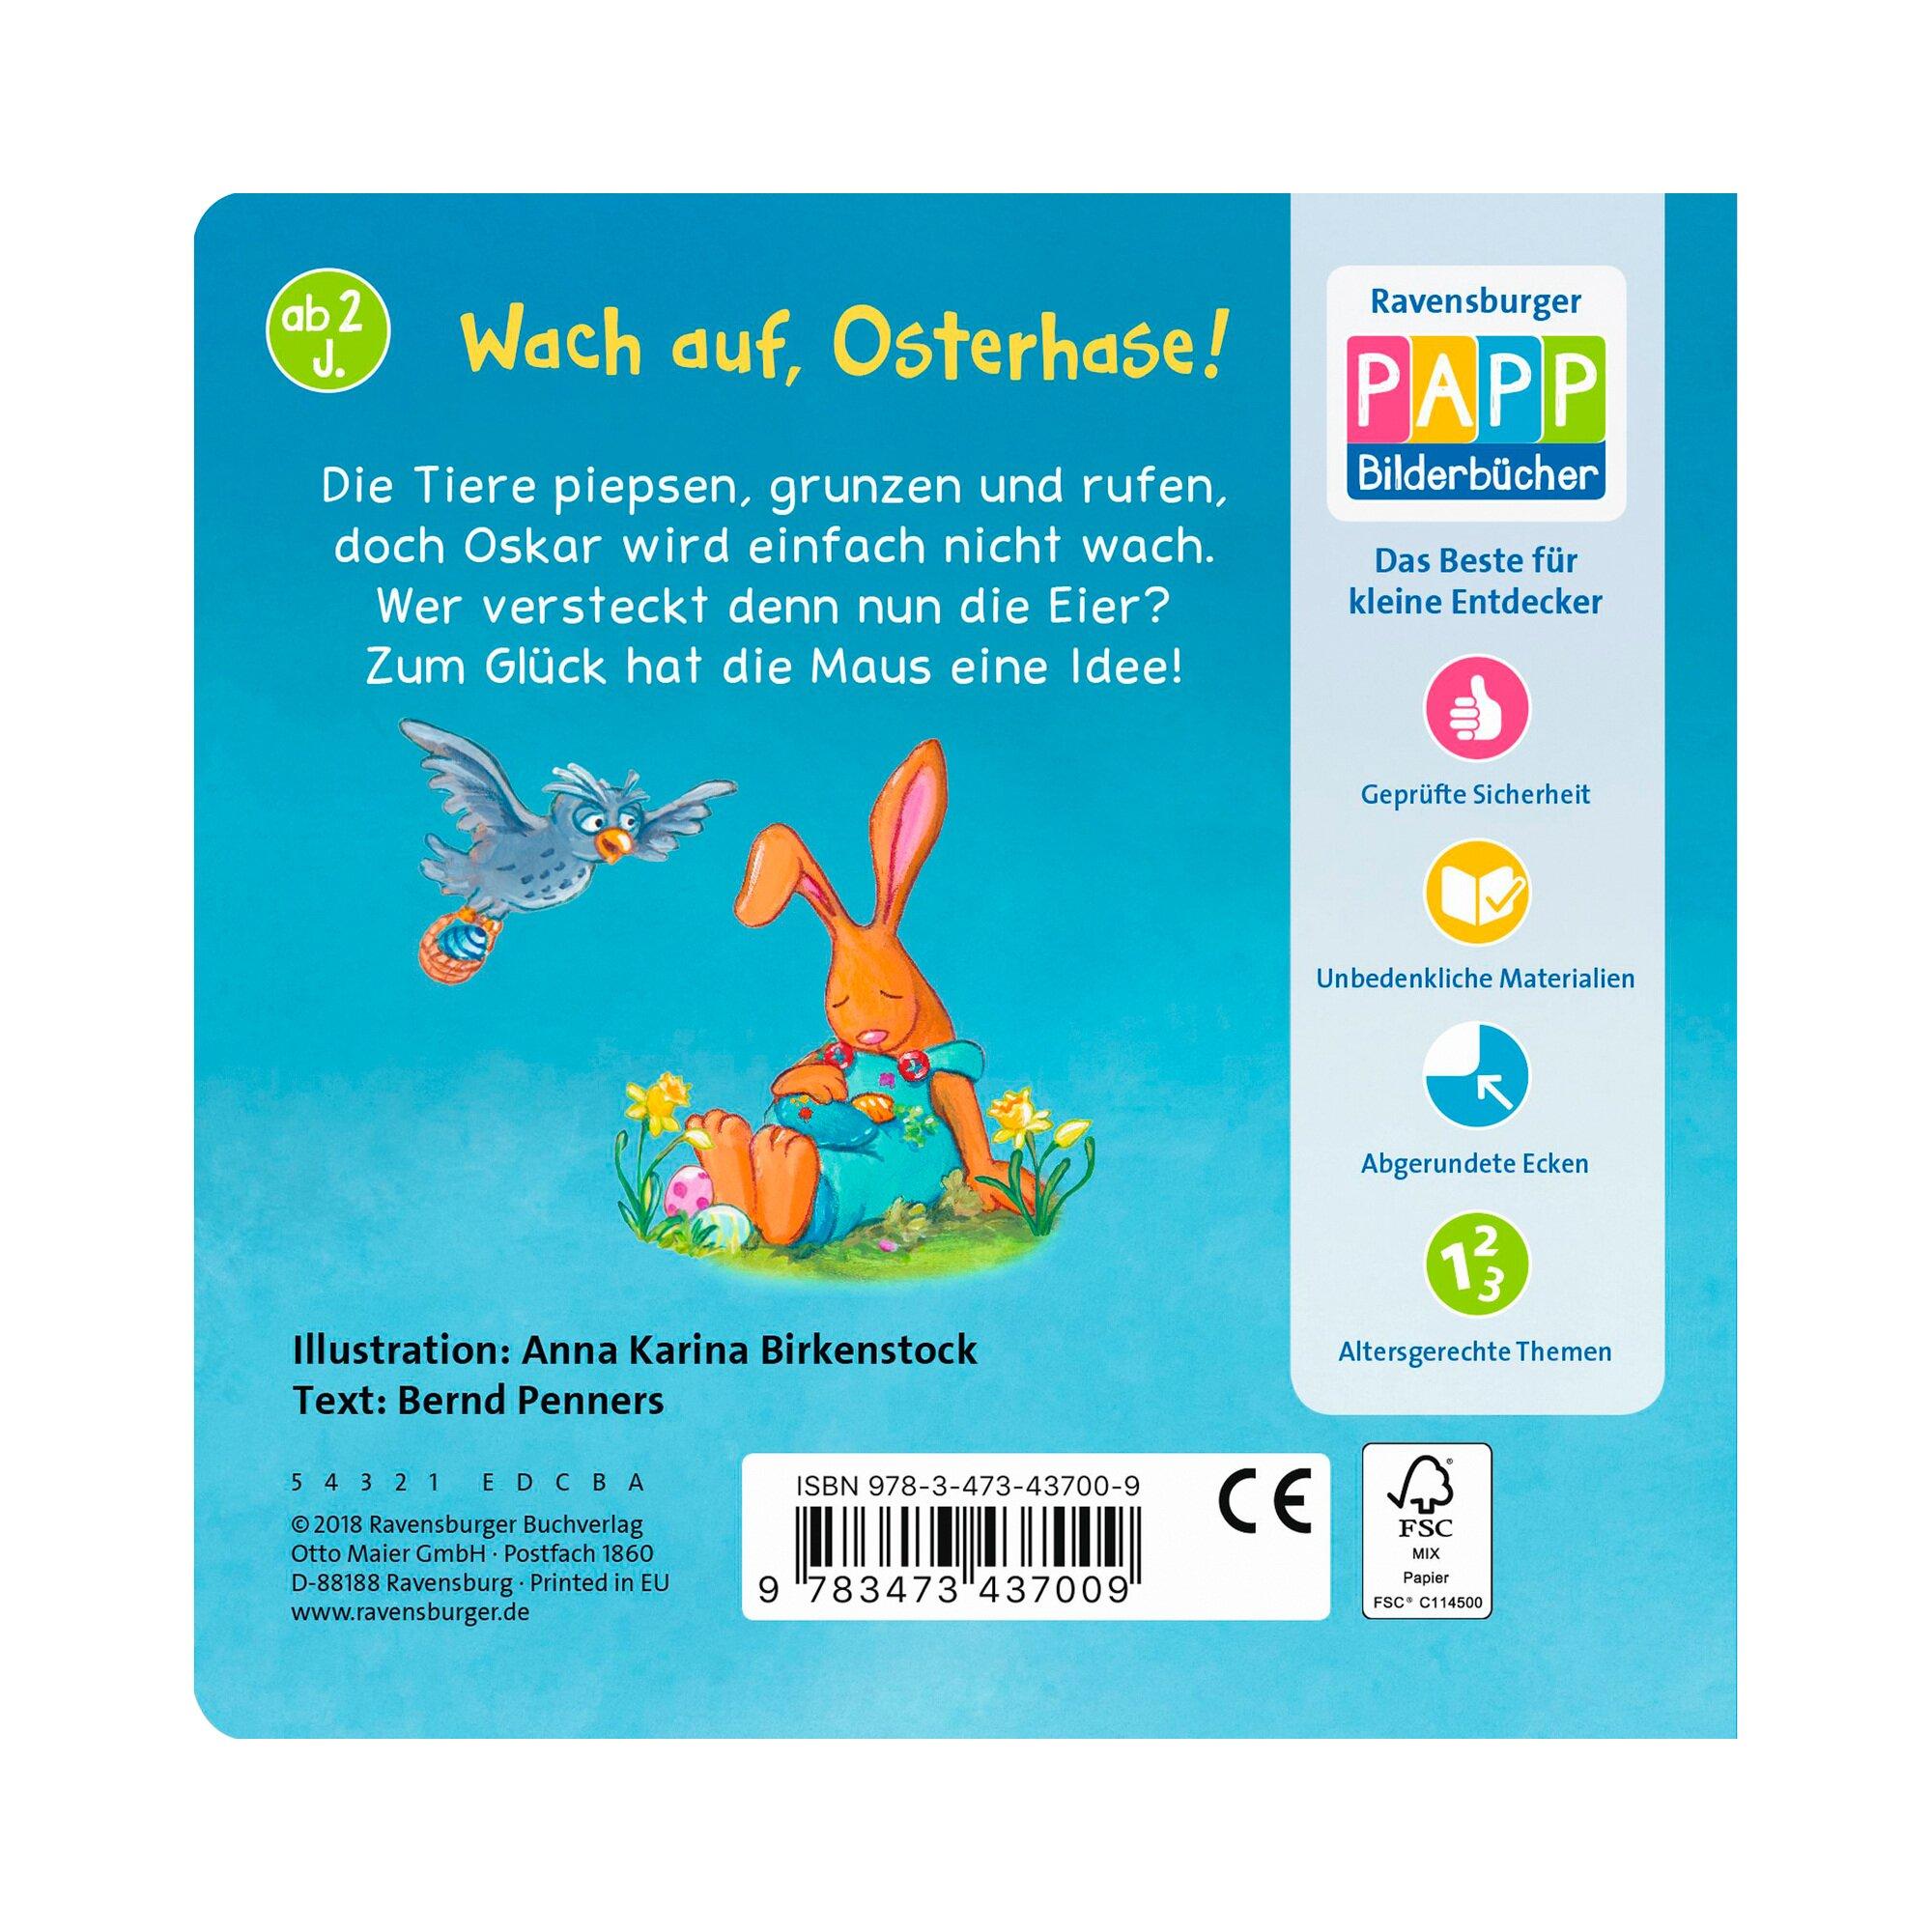 ravensburger-pappbilderbuch-aufgewacht-lieber-osterhase